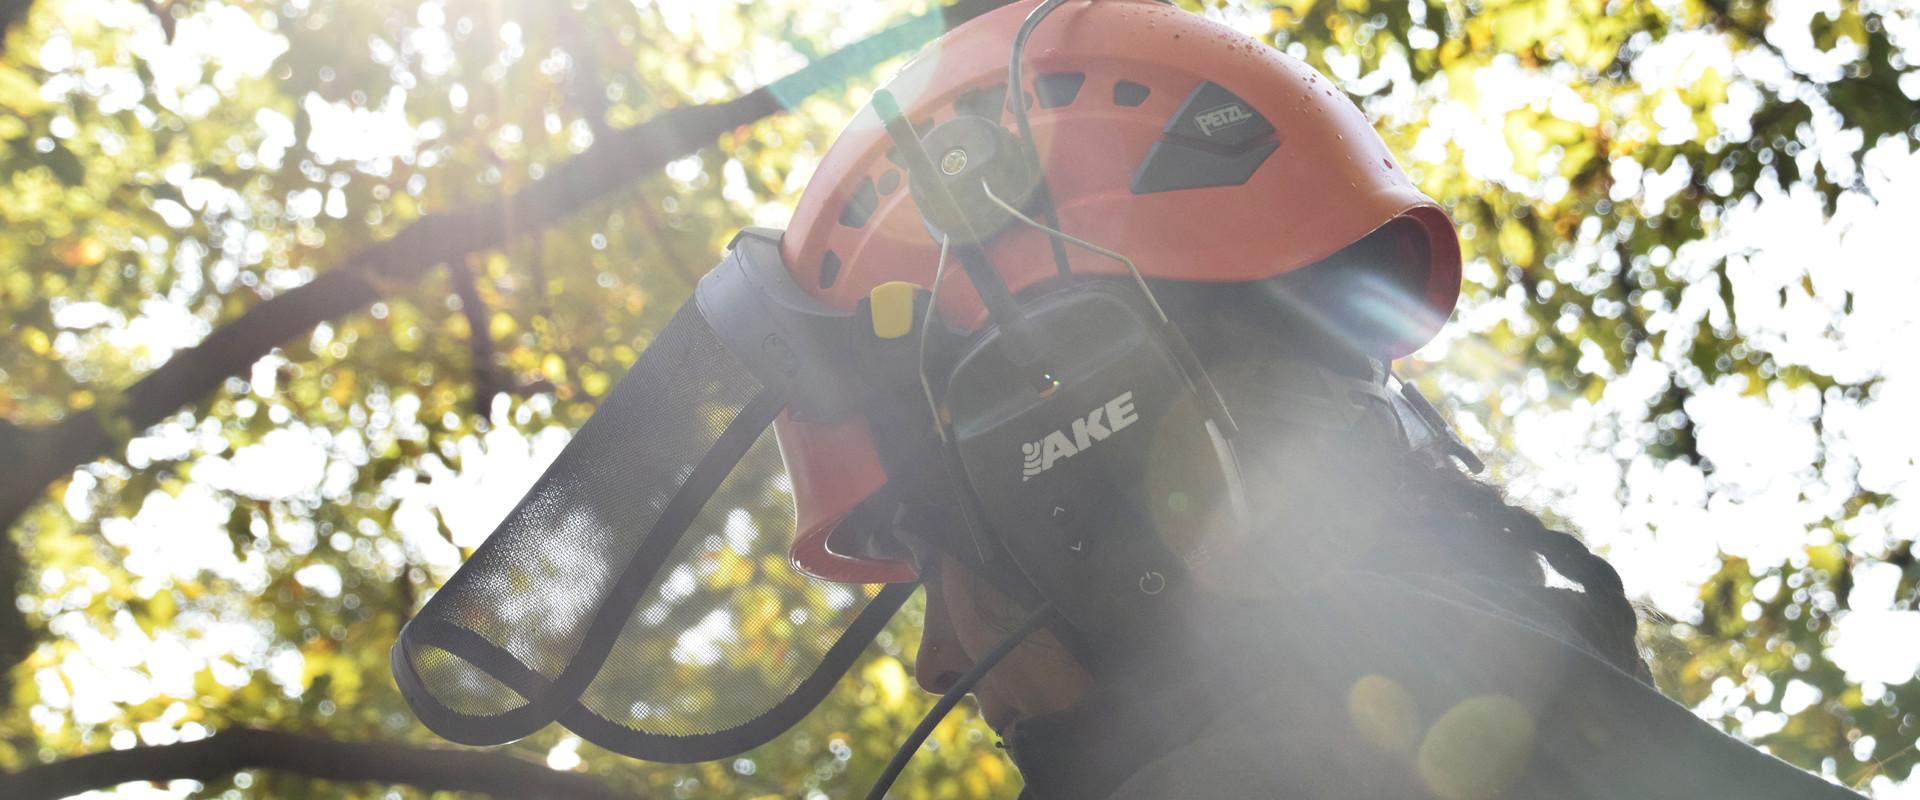 Permalink zu:ECC – Die moderne Art der Kommunikation im Baum